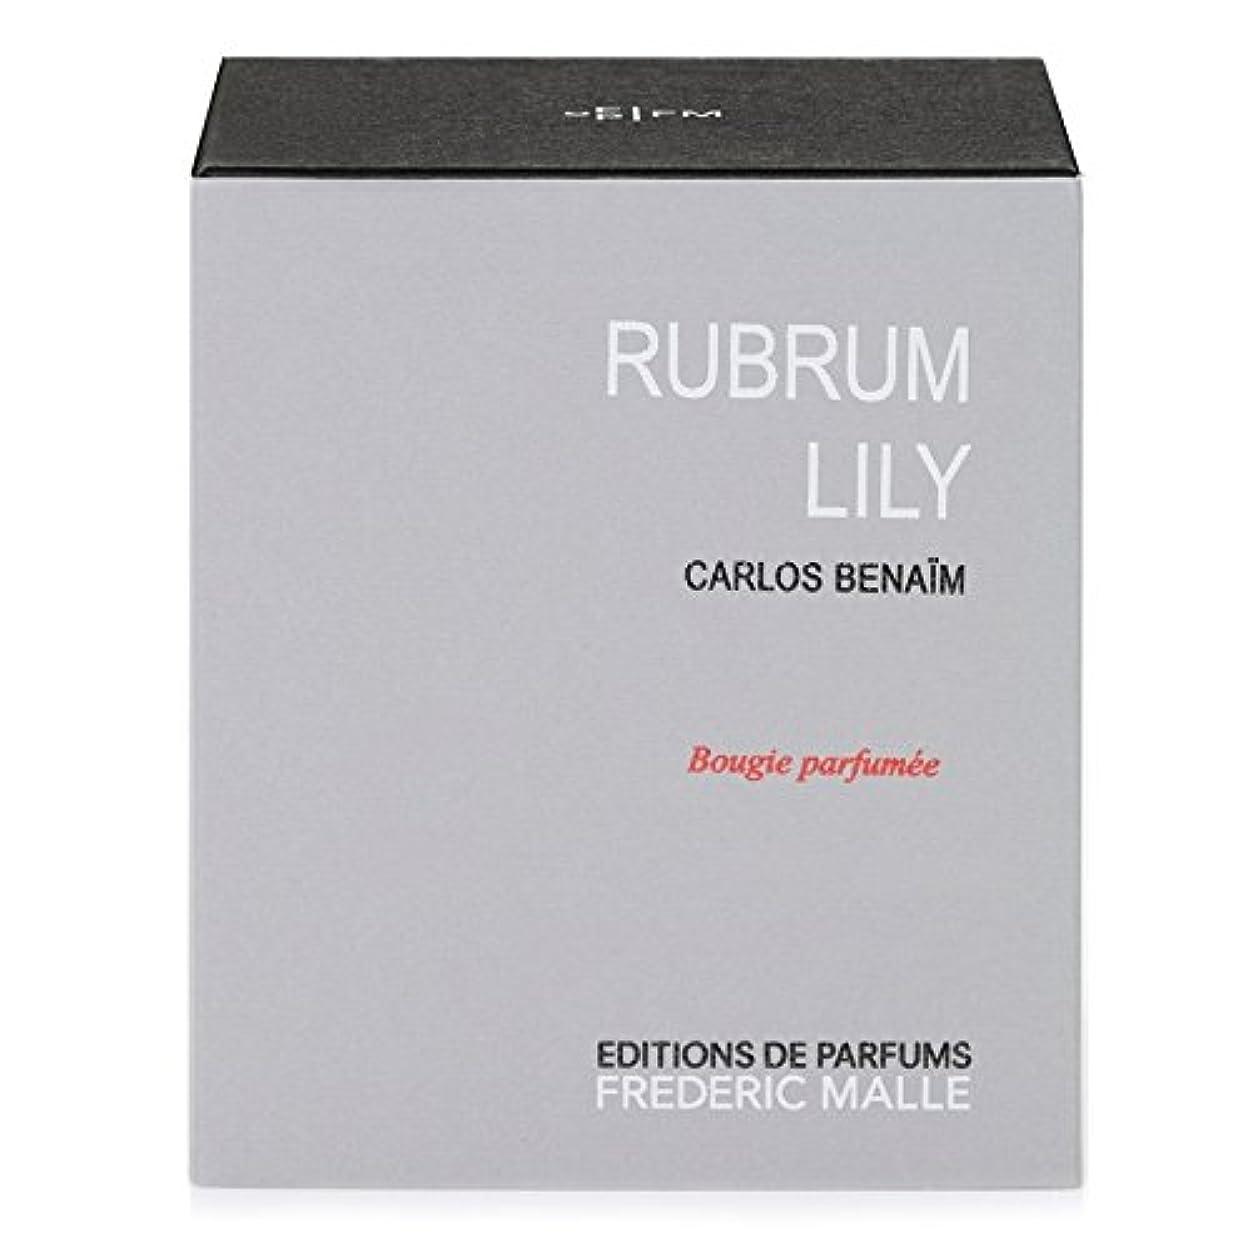 騒保守的絶縁するFrederic Malle Rubrum Lily Scented Candle (Pack of 4) - フレデリック?マルルブルムユリの香りのキャンドル x4 [並行輸入品]